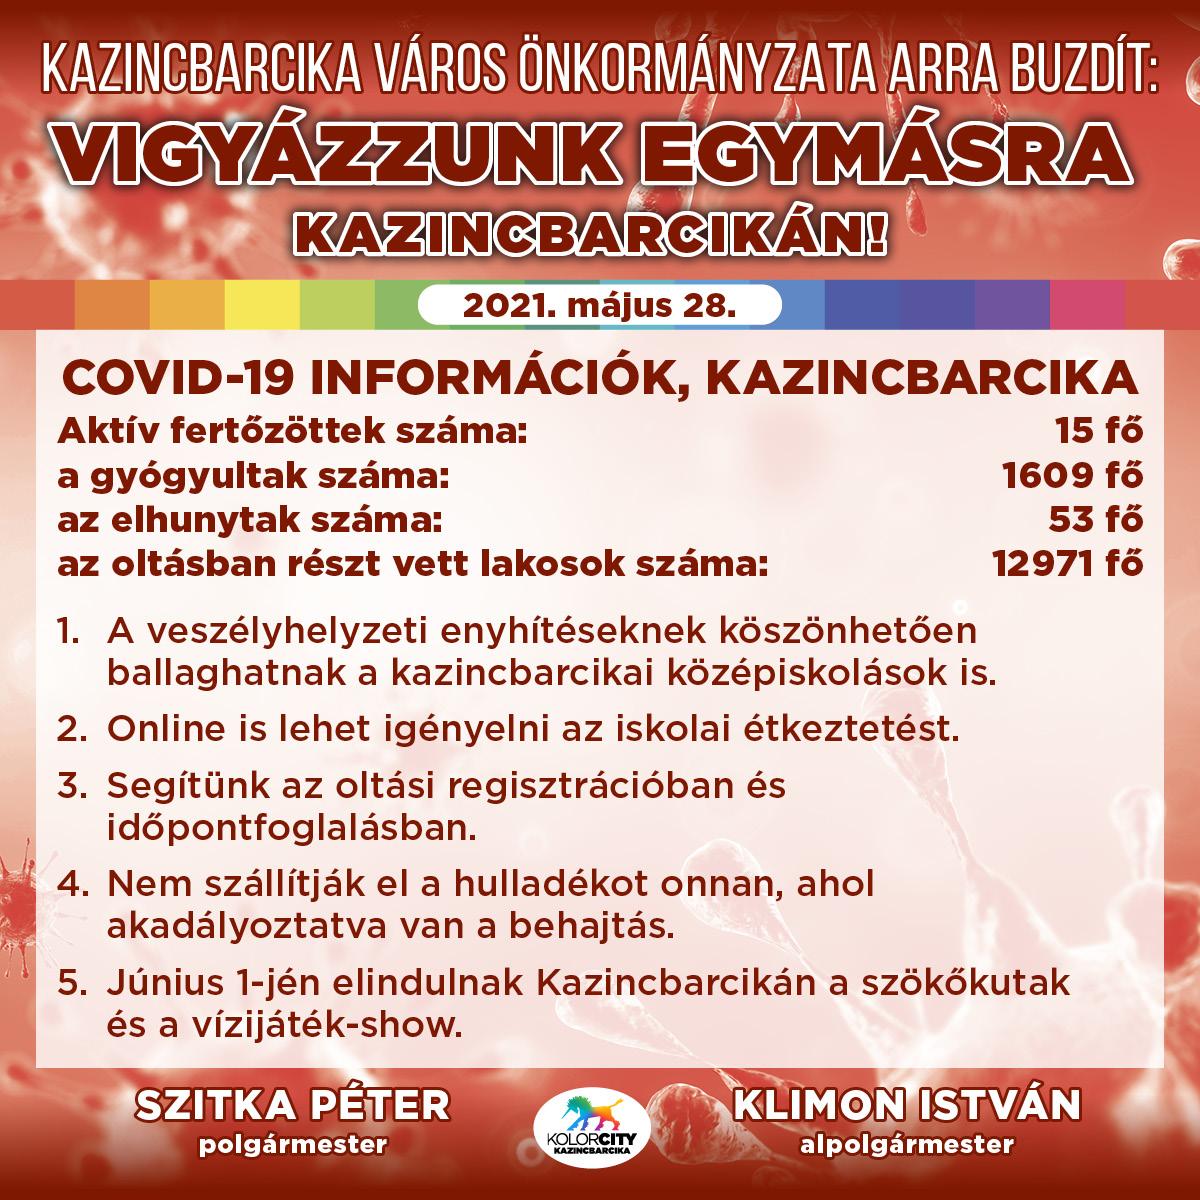 https://kolorline.hu/Vigyázzunk egymásra Kazincbarcikán! – 2021. május 28.